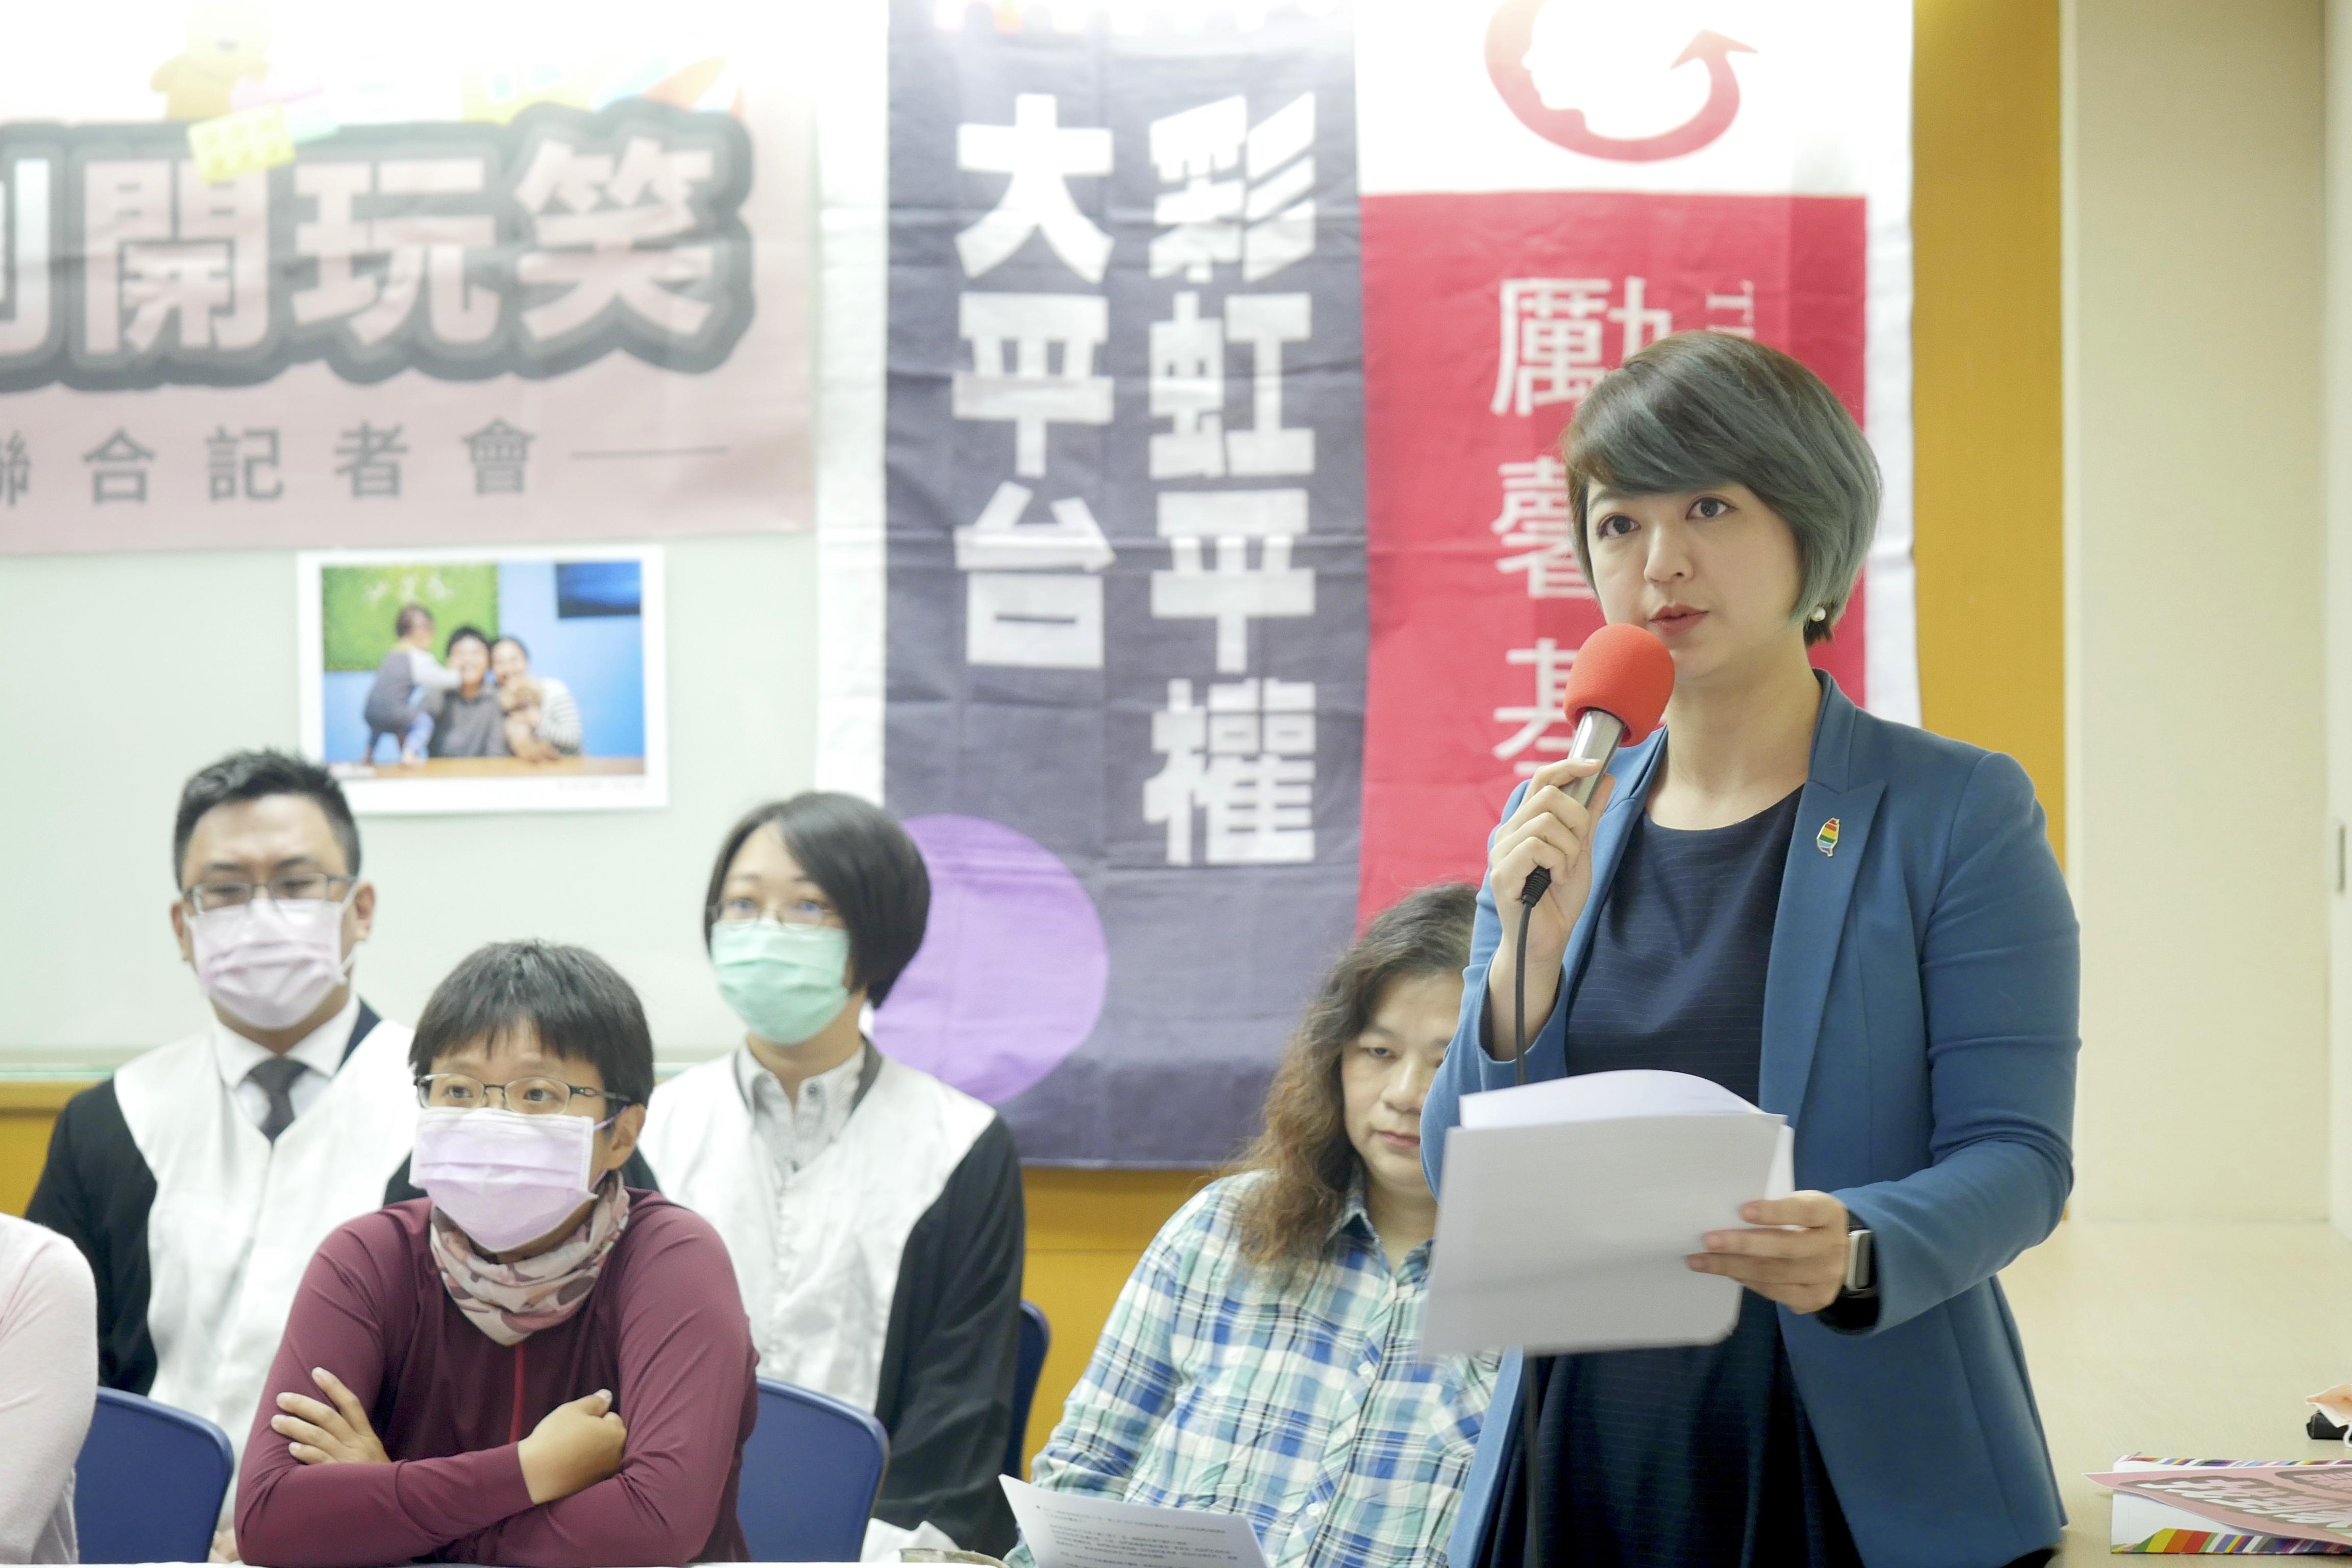 同運組織召開記者會,呼籲政府重視同志家庭收養子女的權利